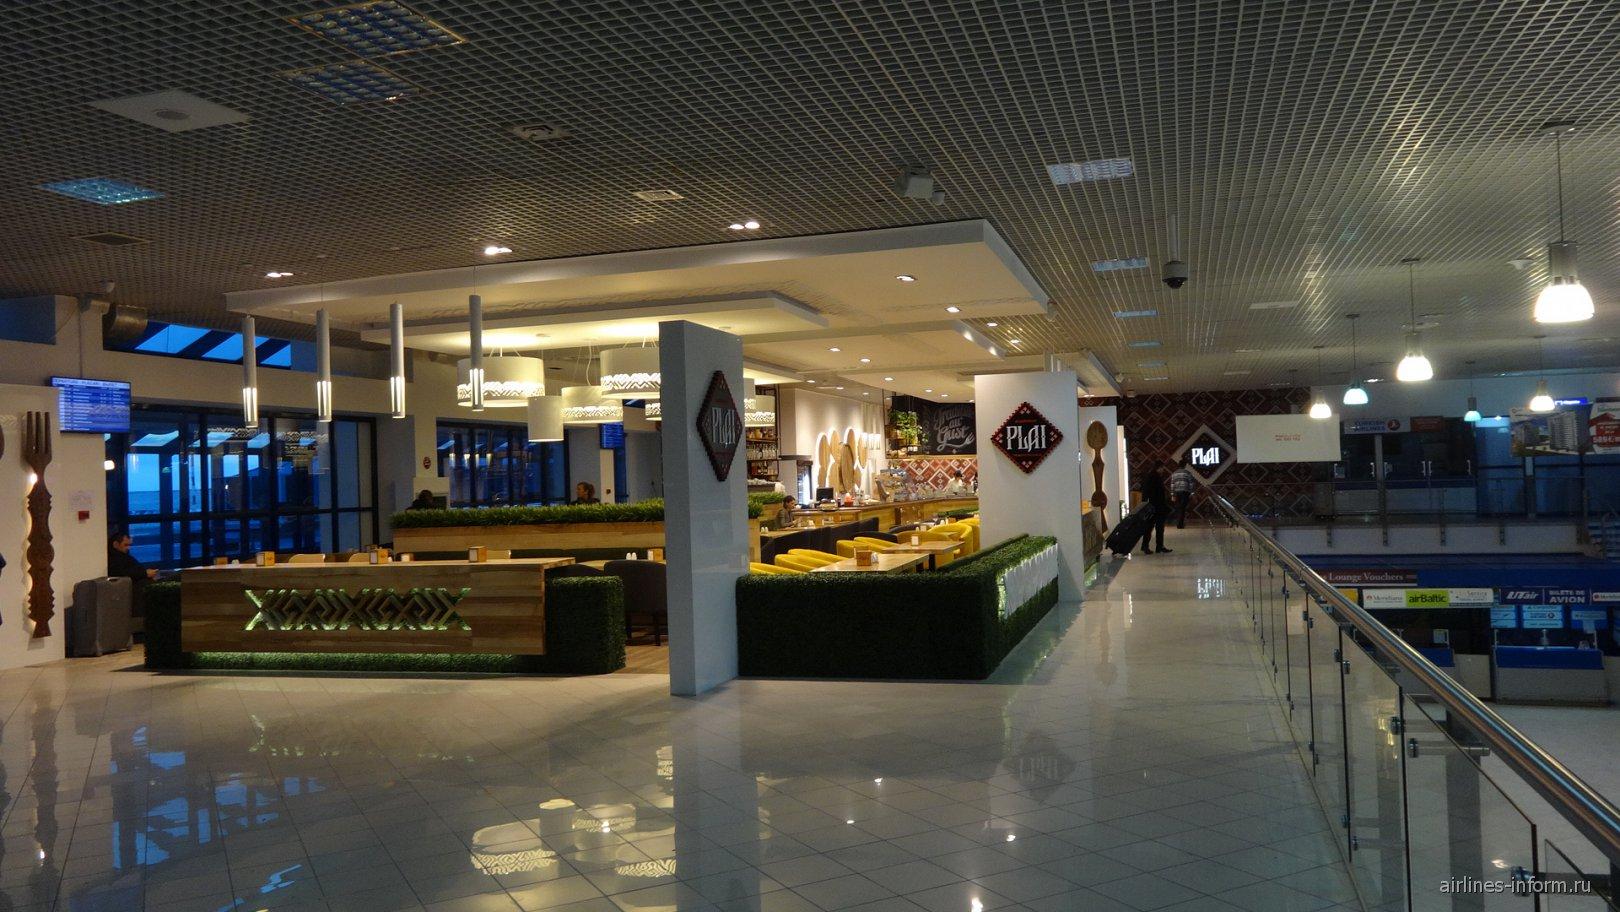 Кафе на втором этаже аэровокзала аэропорта Кишинев